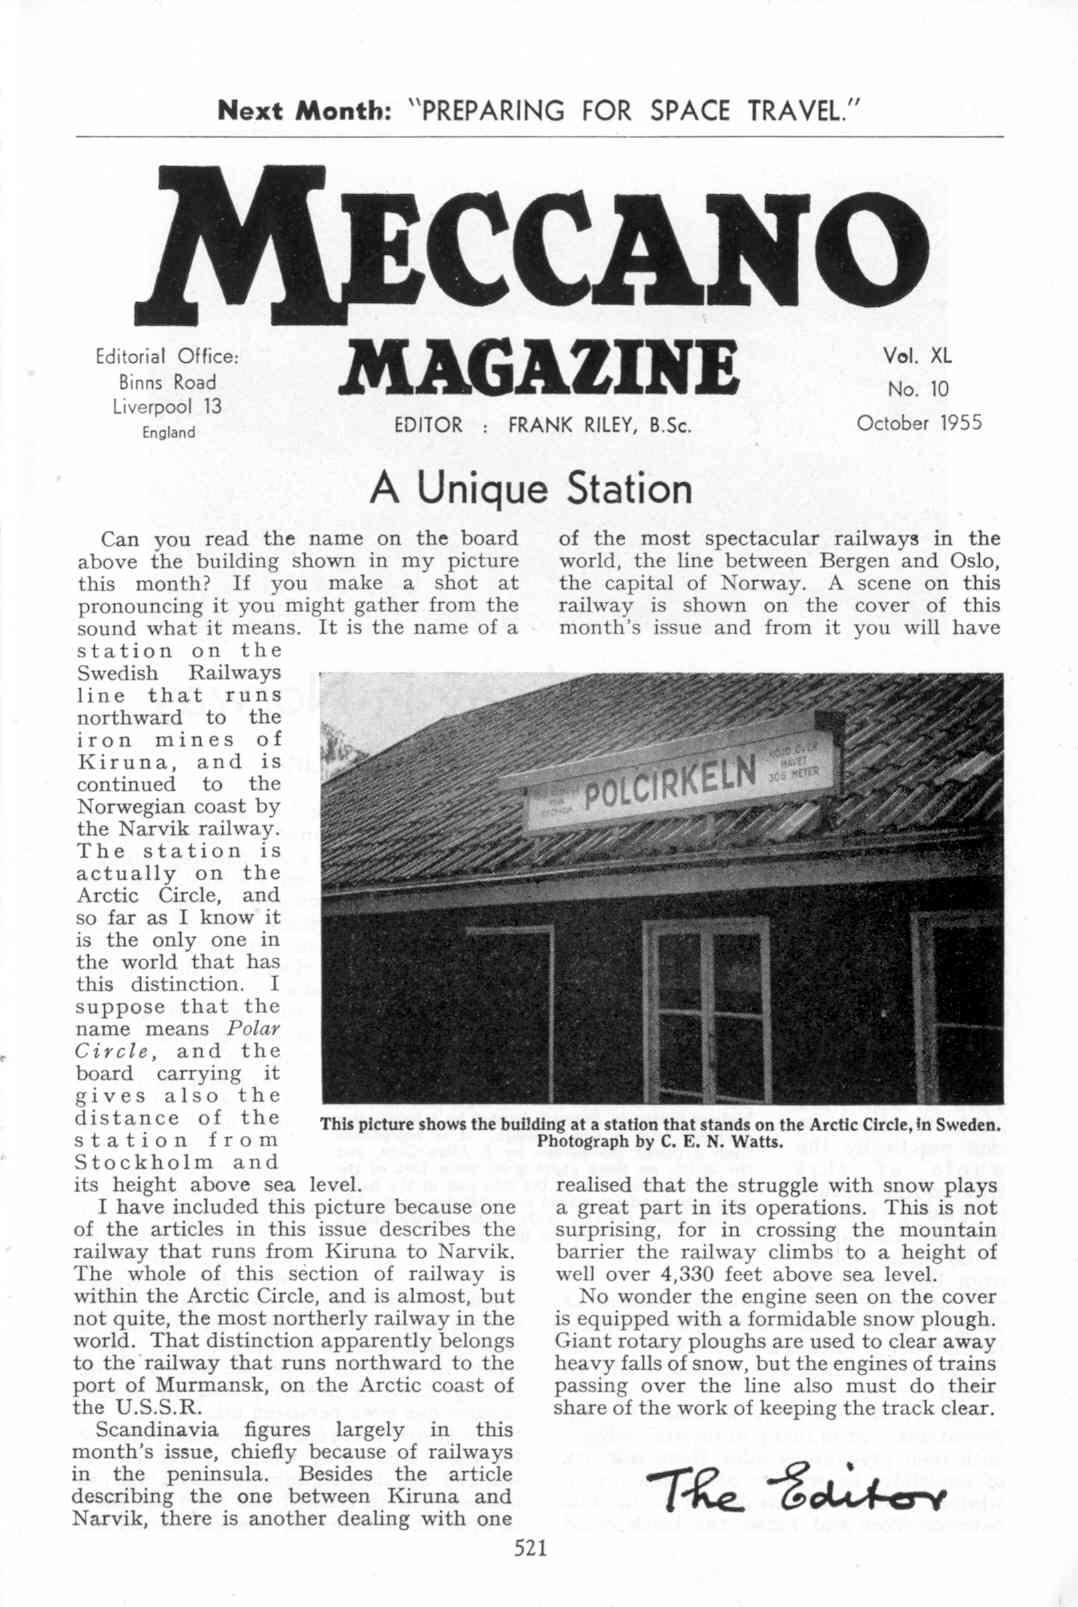 UK Meccano Magazine October 1955 Page 521